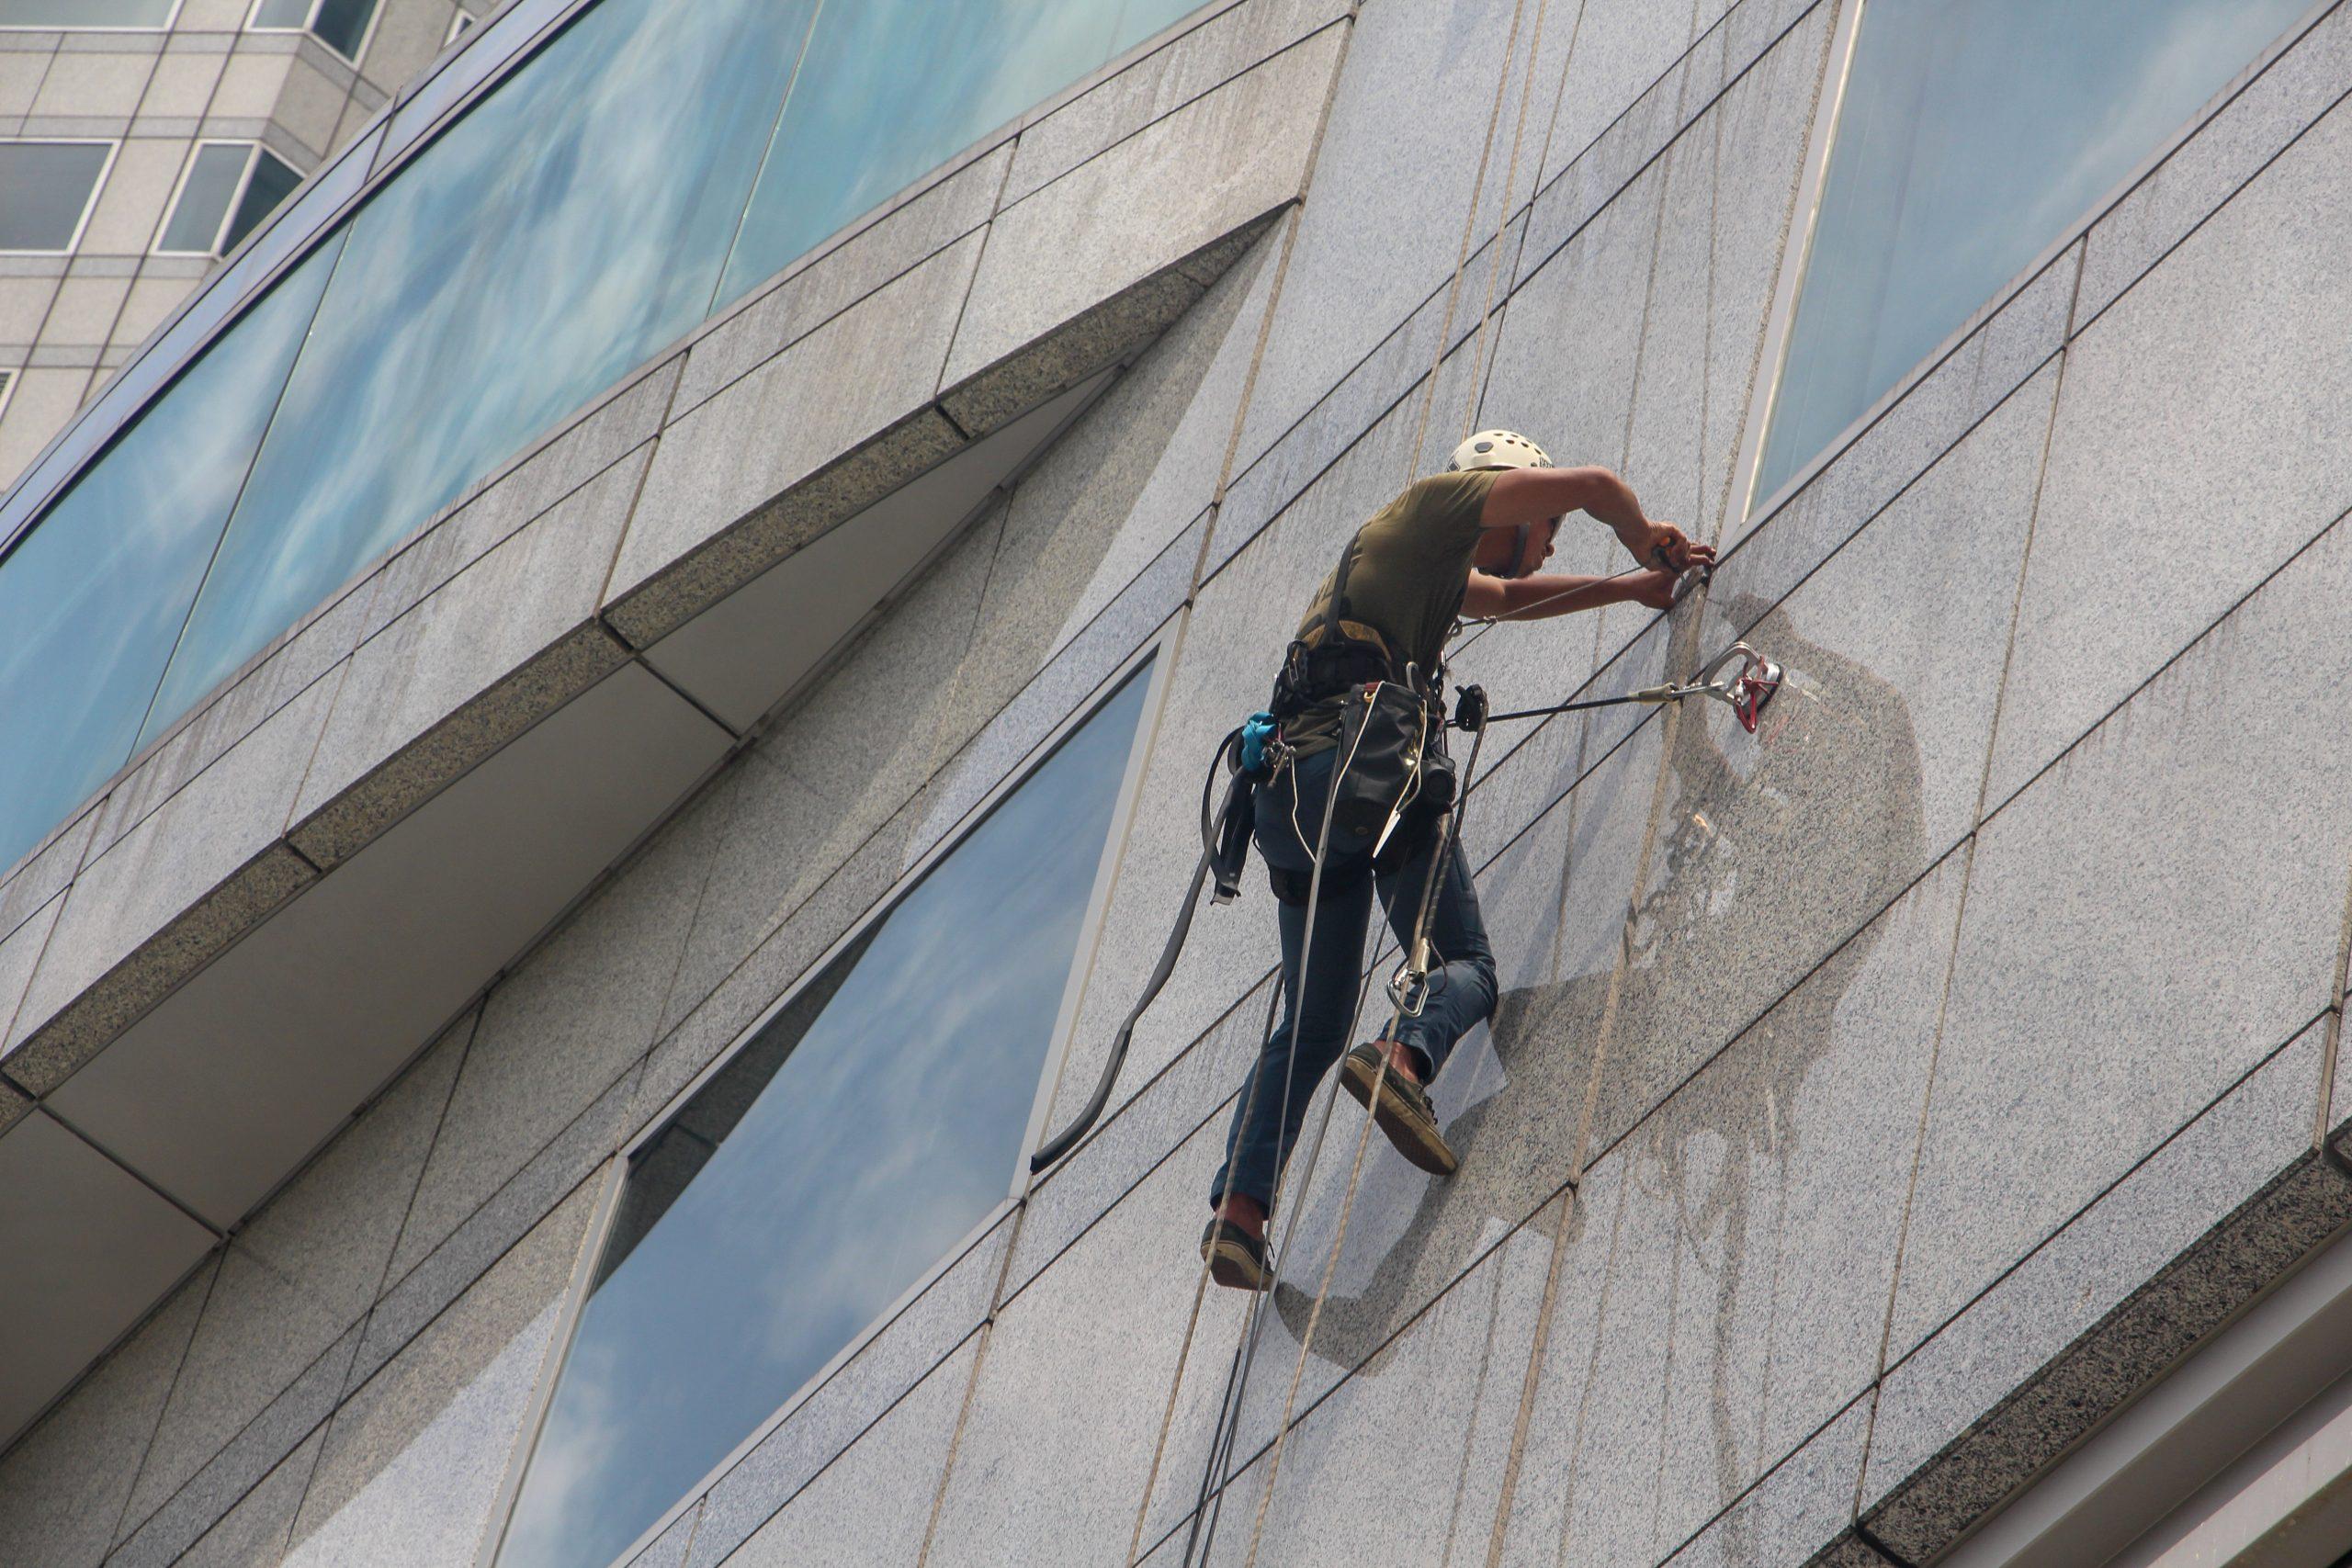 כיצד ניקוי חלונות בגובה משפיע על חזות המבנה?